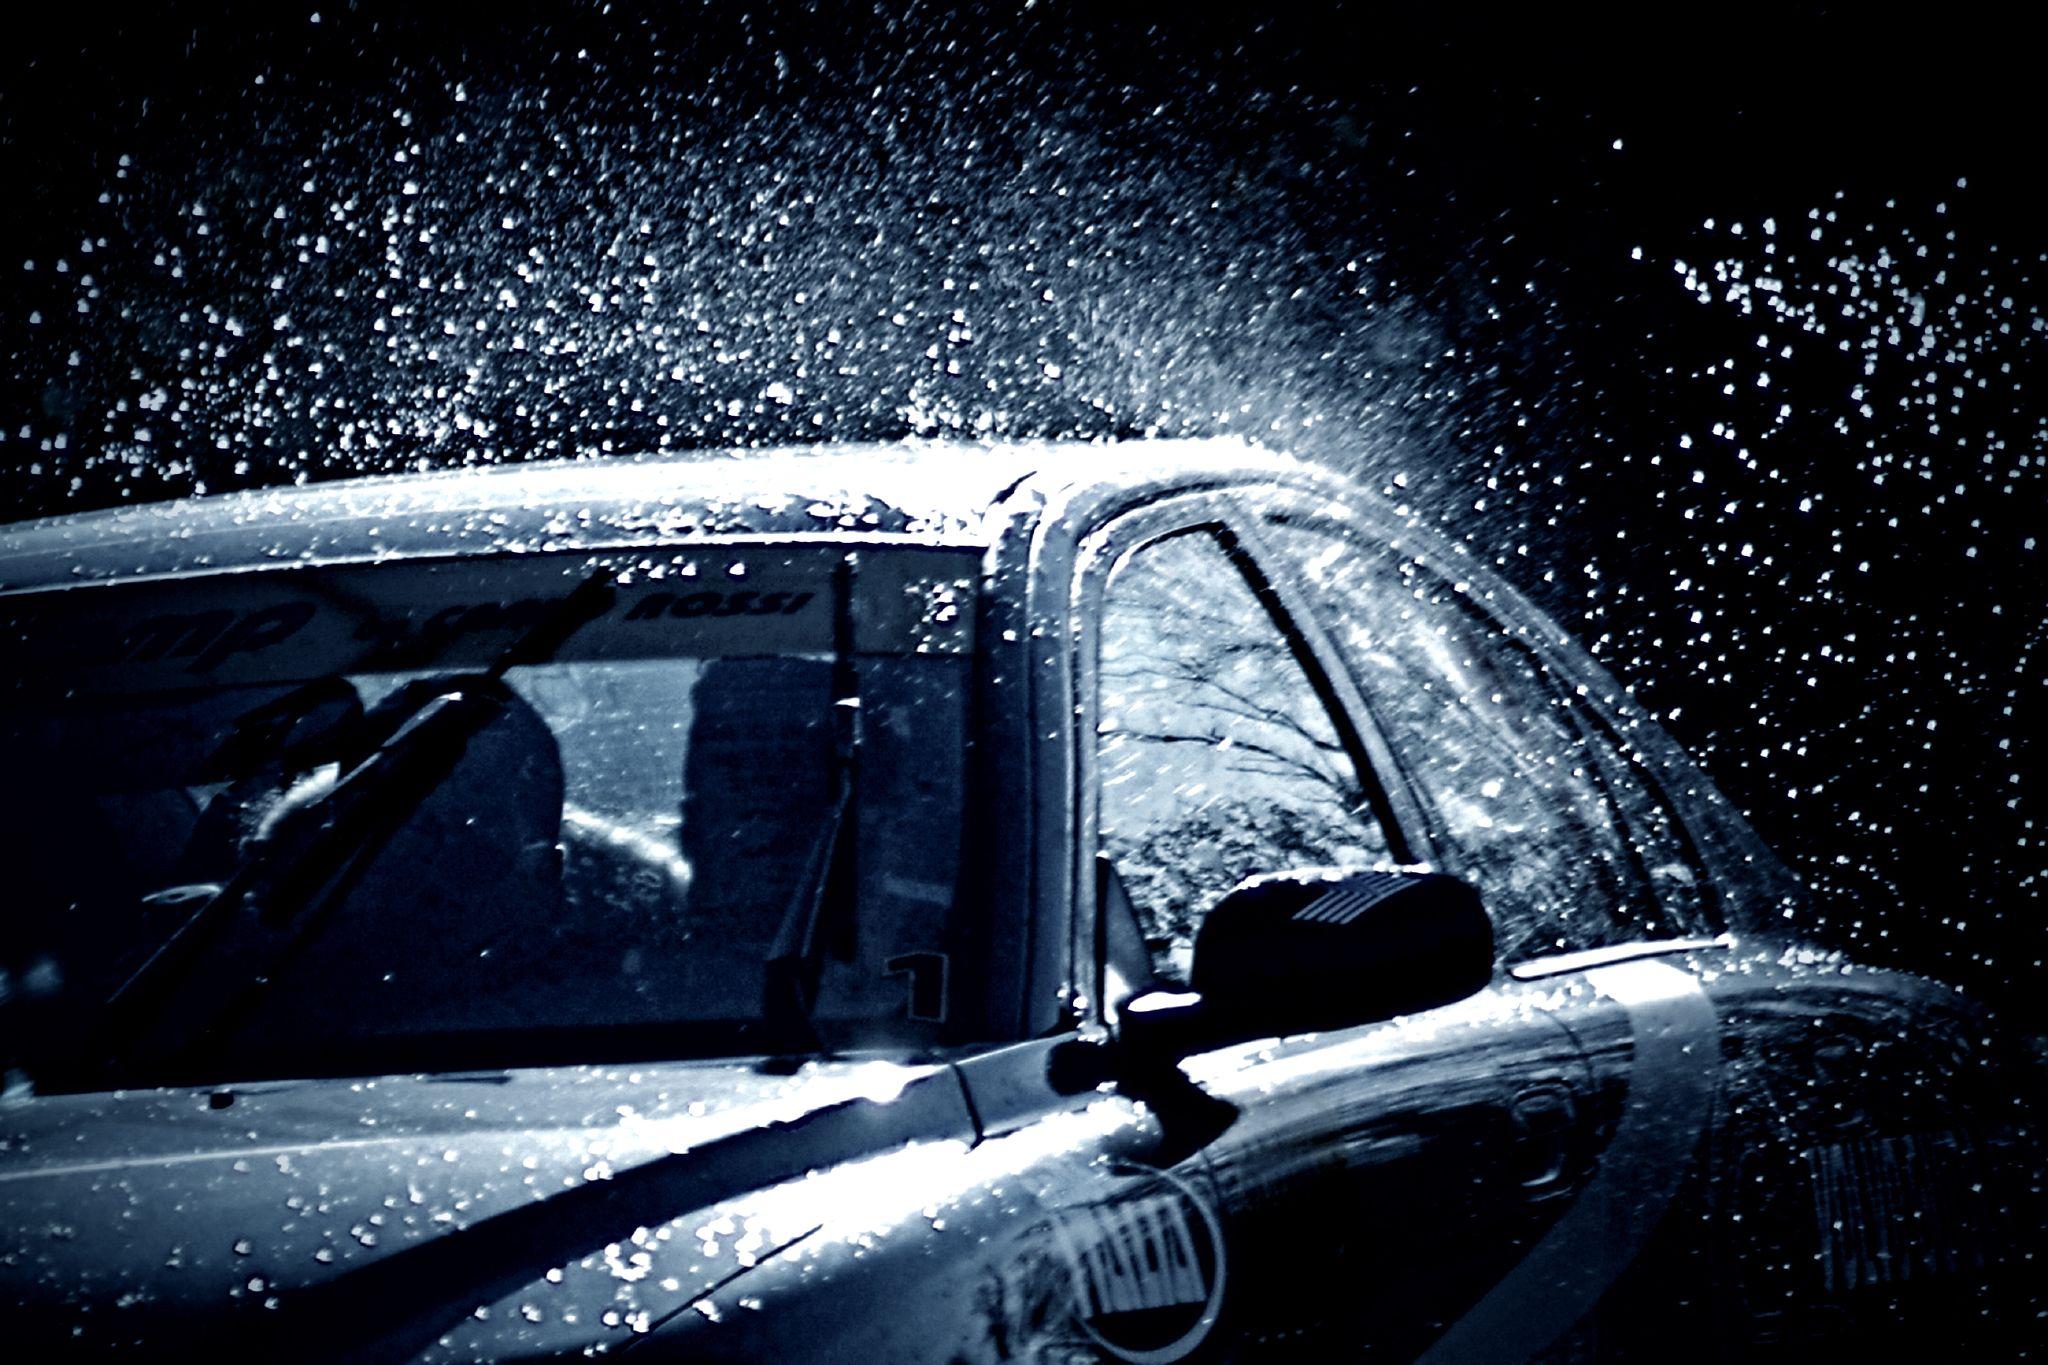 Фотографии на стекло машины